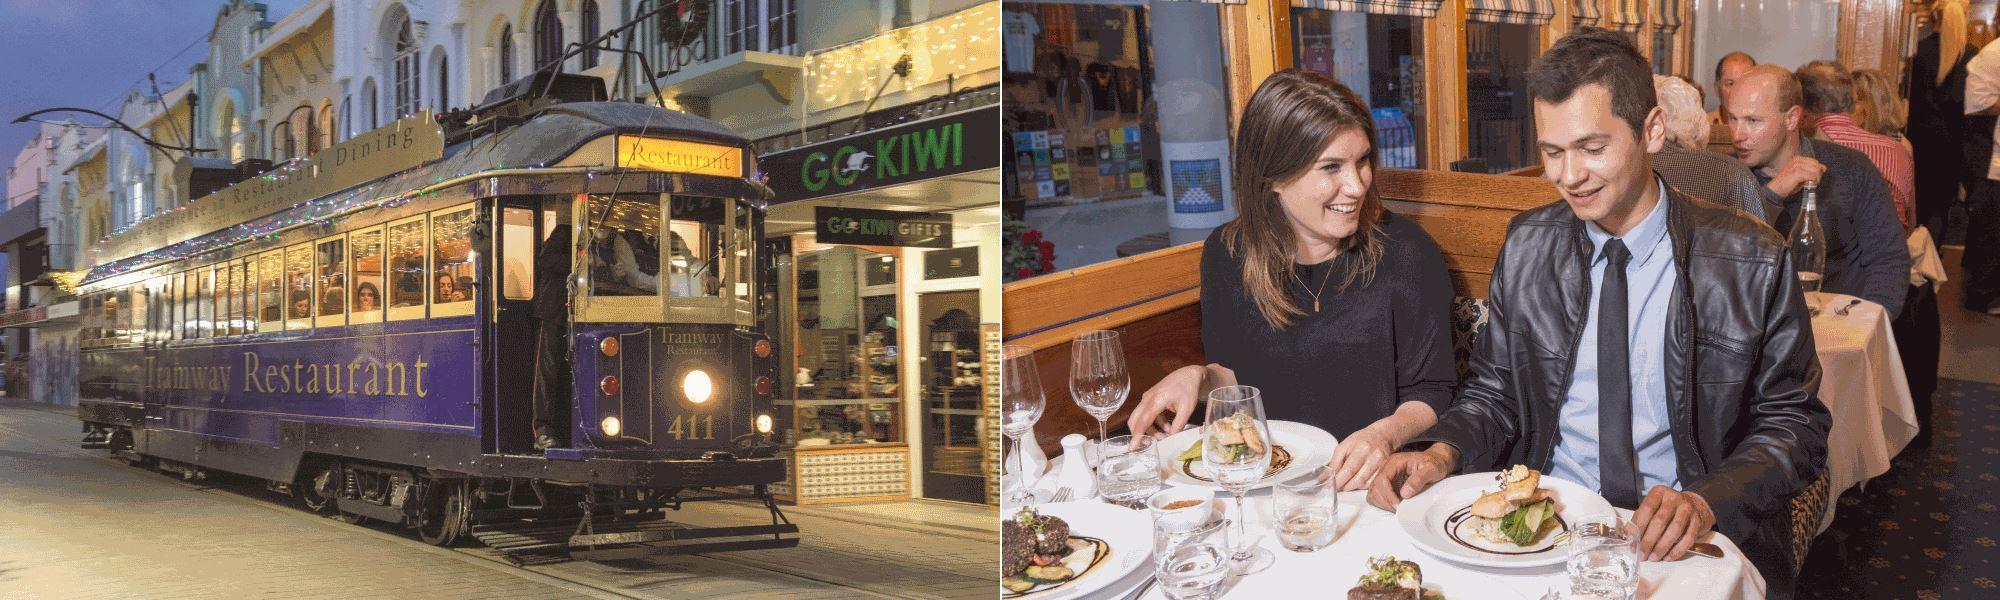 tram Restaurant Dinner